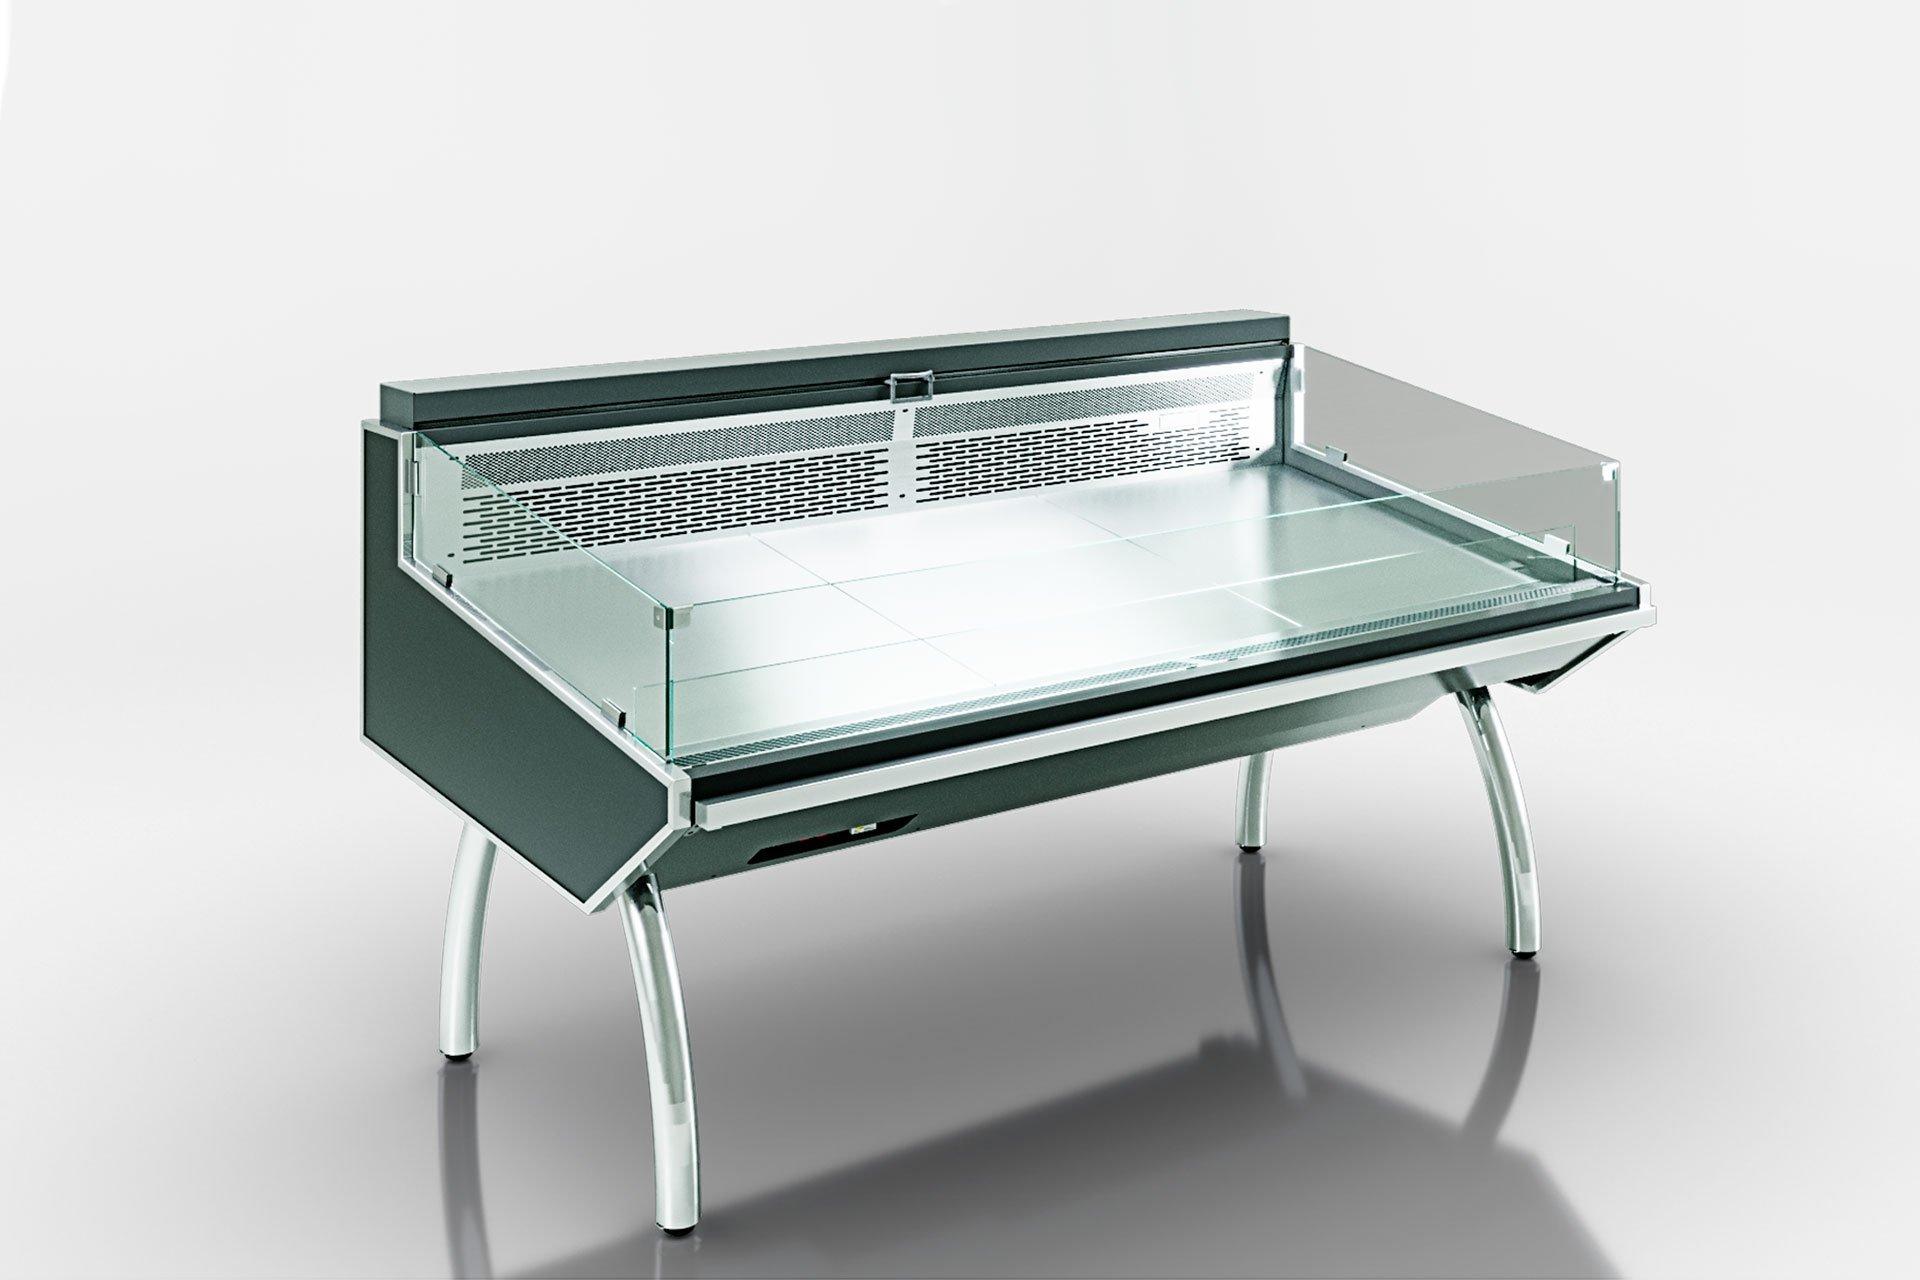 Refrigerated counters Missouri Promo MC 100 deli self 100-DLM